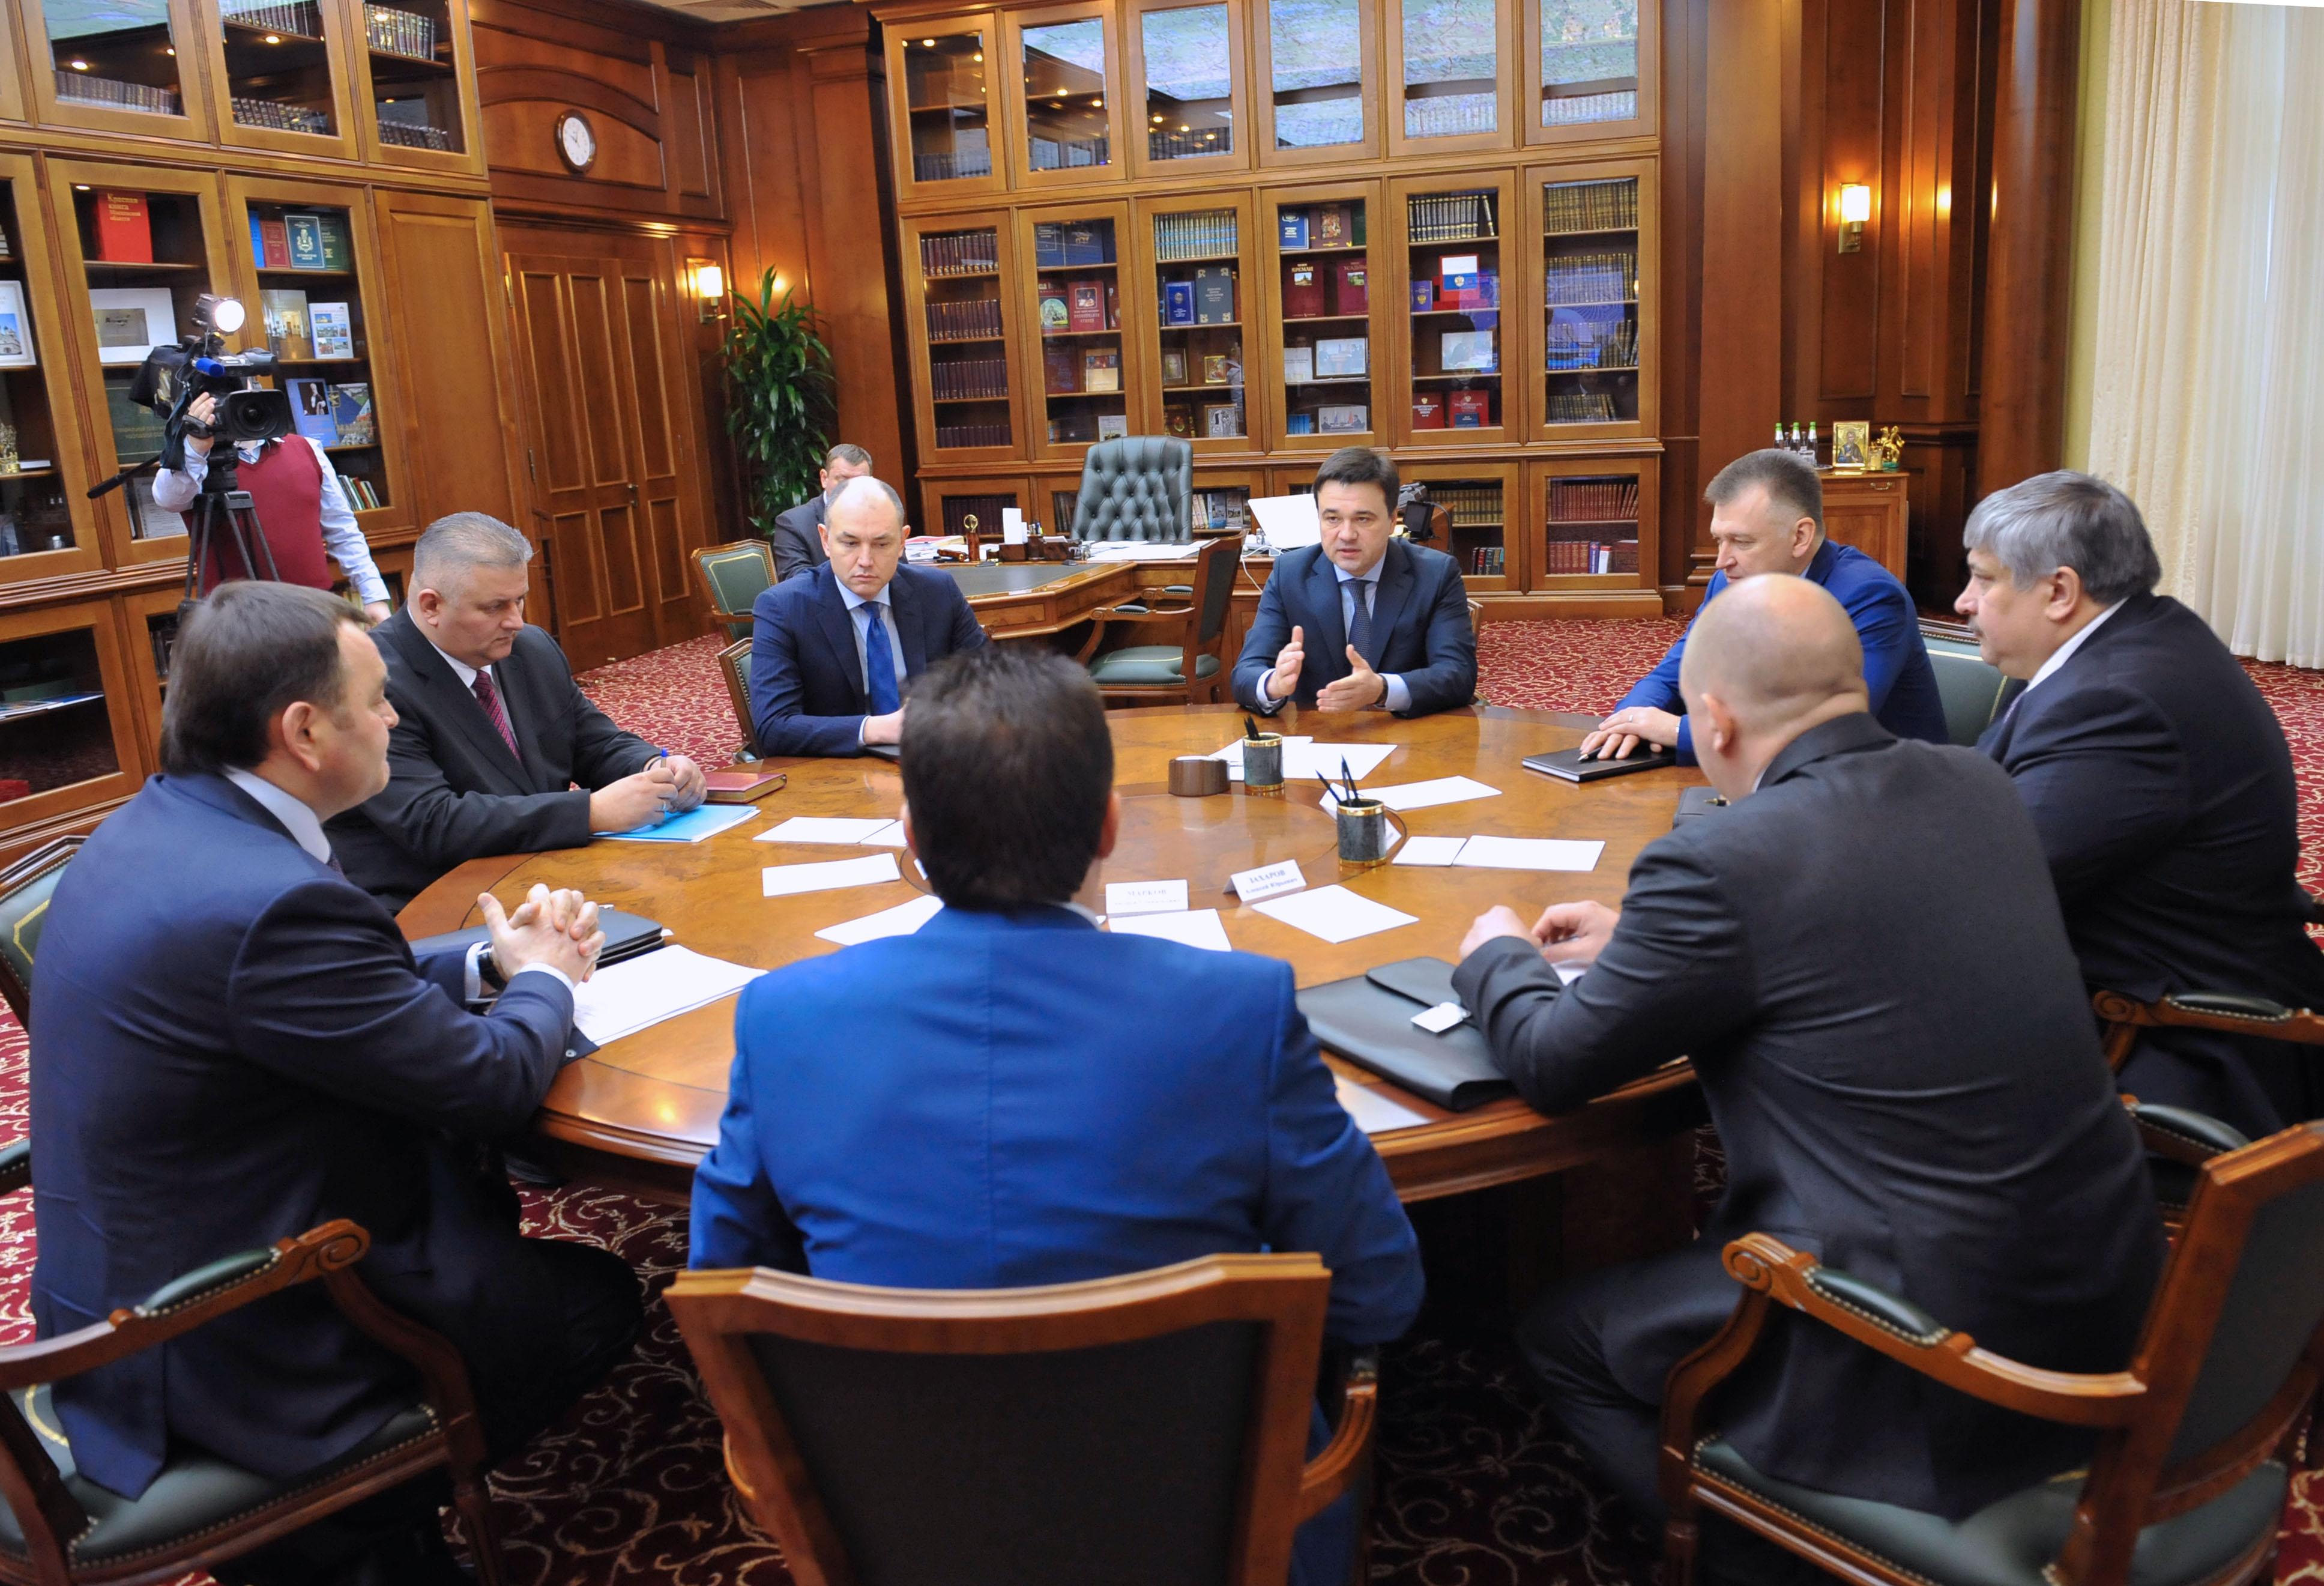 Губернатор А. Воробьев обсудил с силовиками вопросы безопасности и экологии на период майских праздников